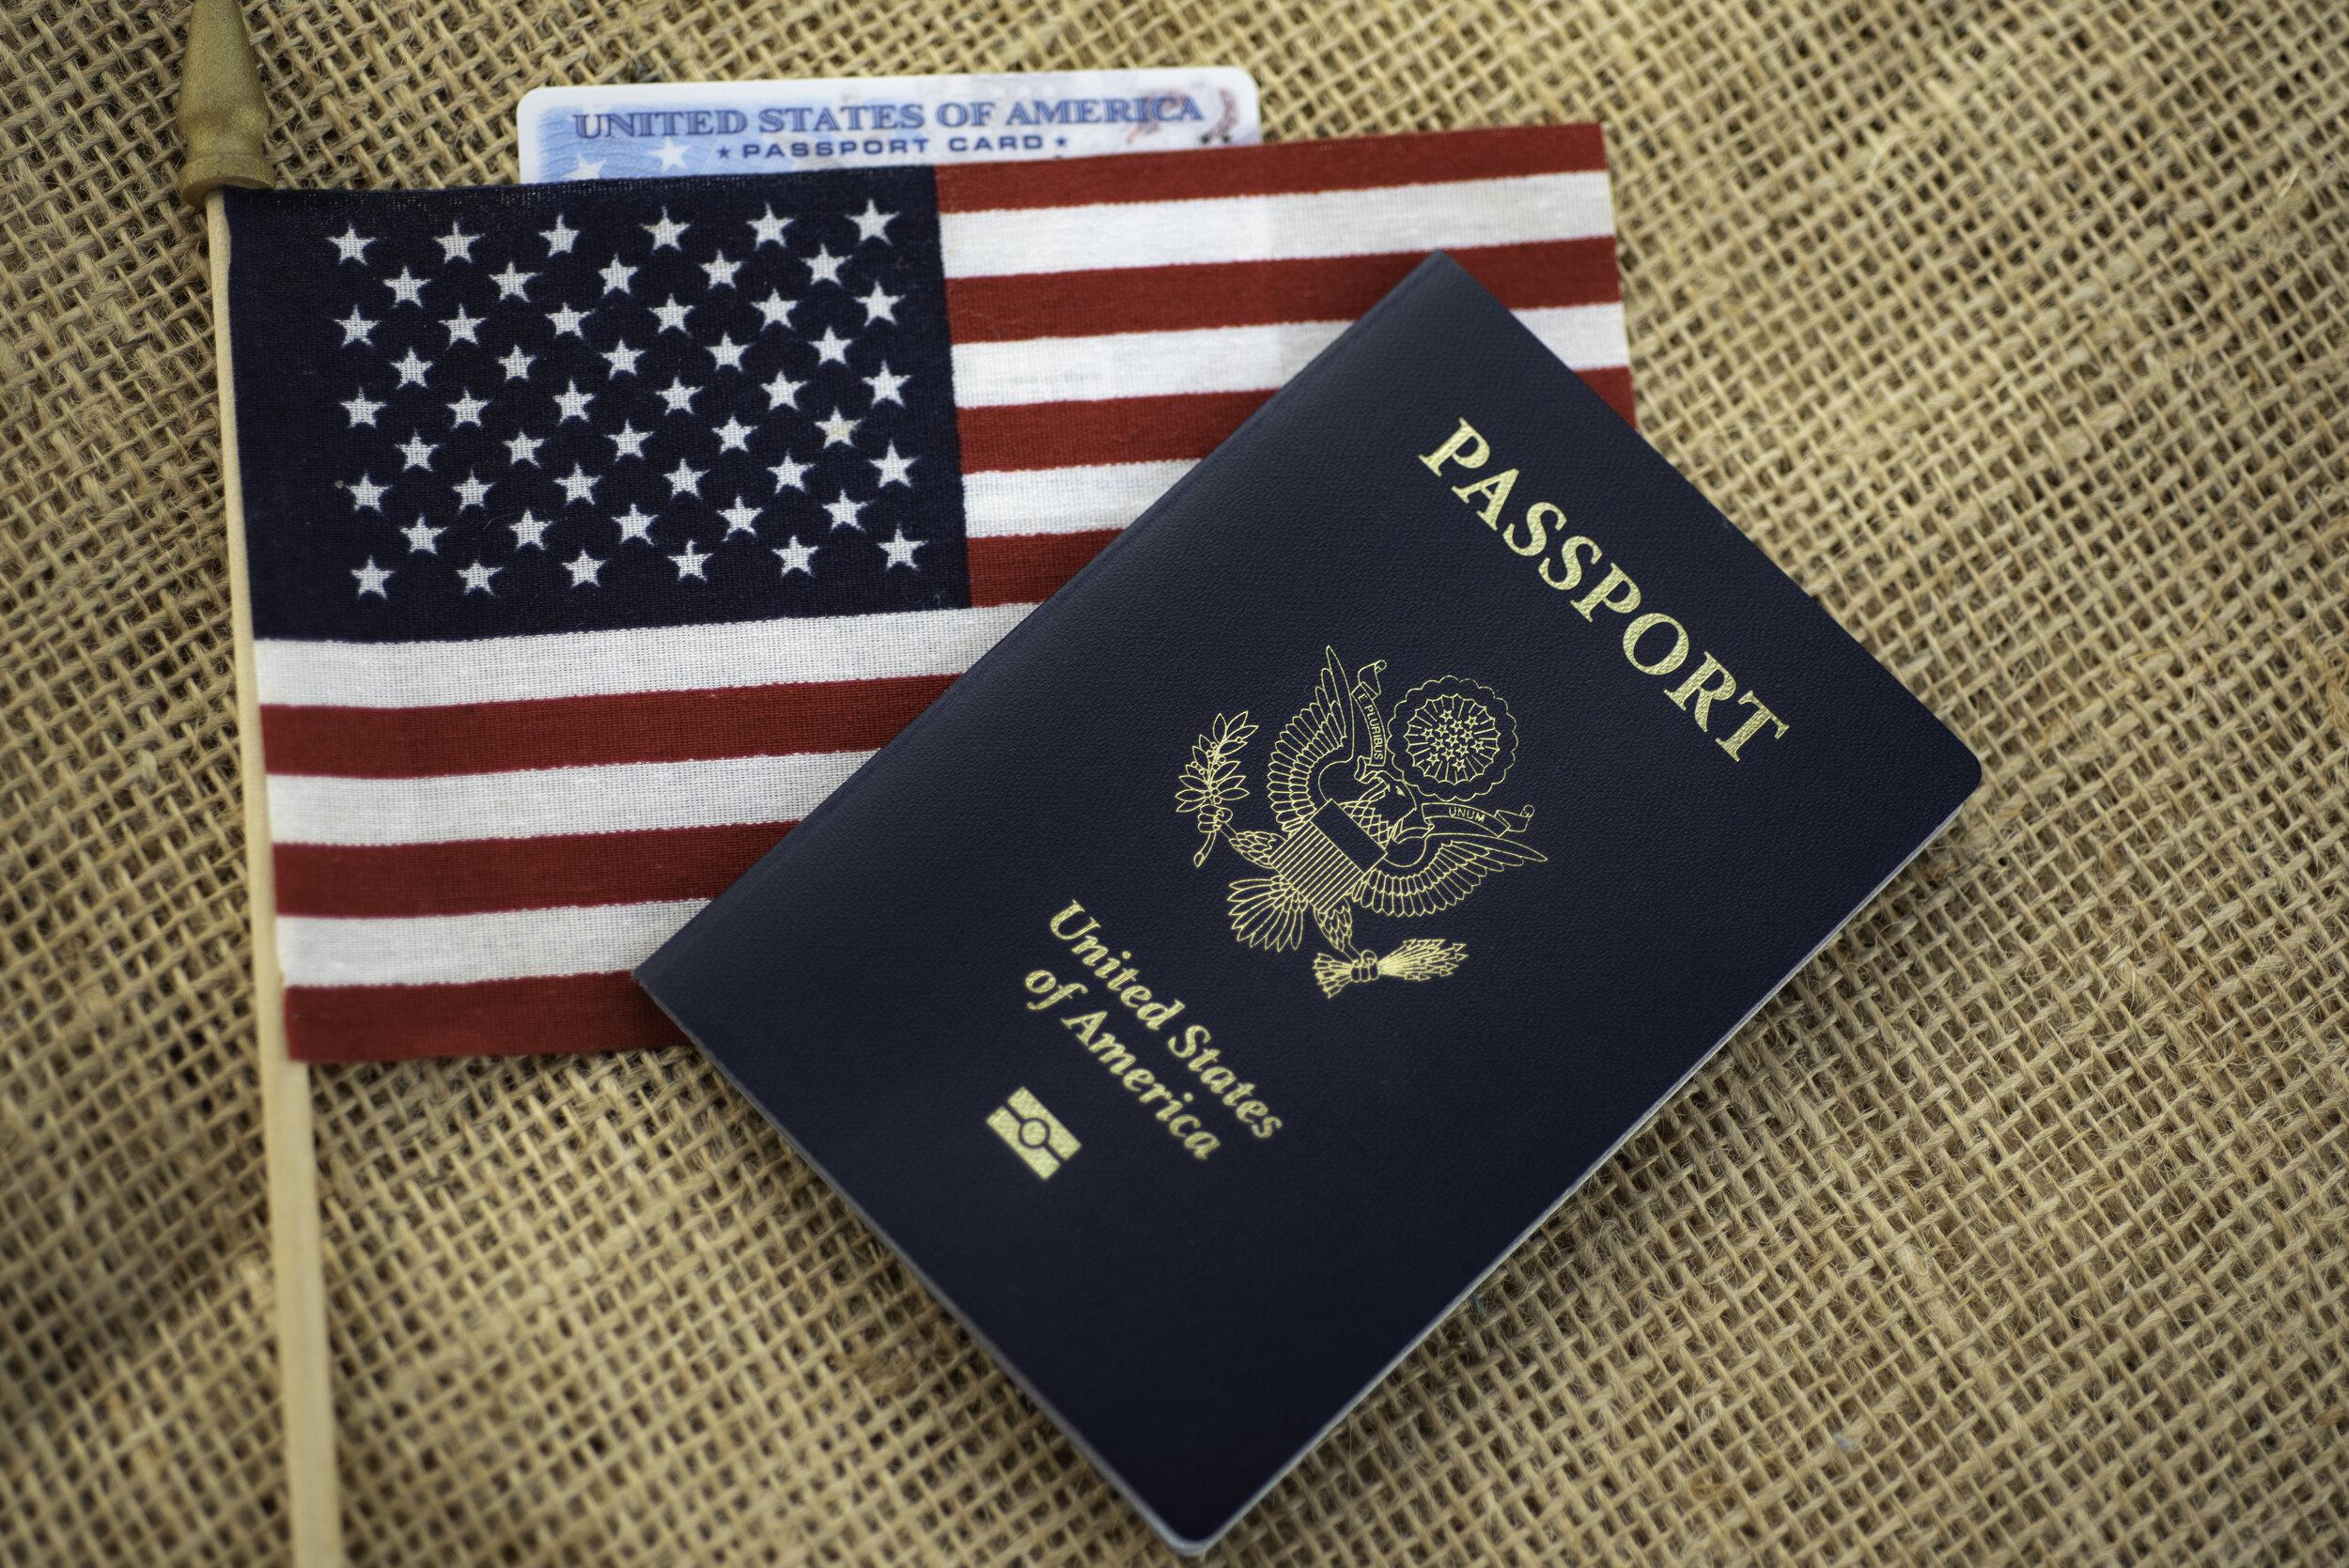 usa_passport_image